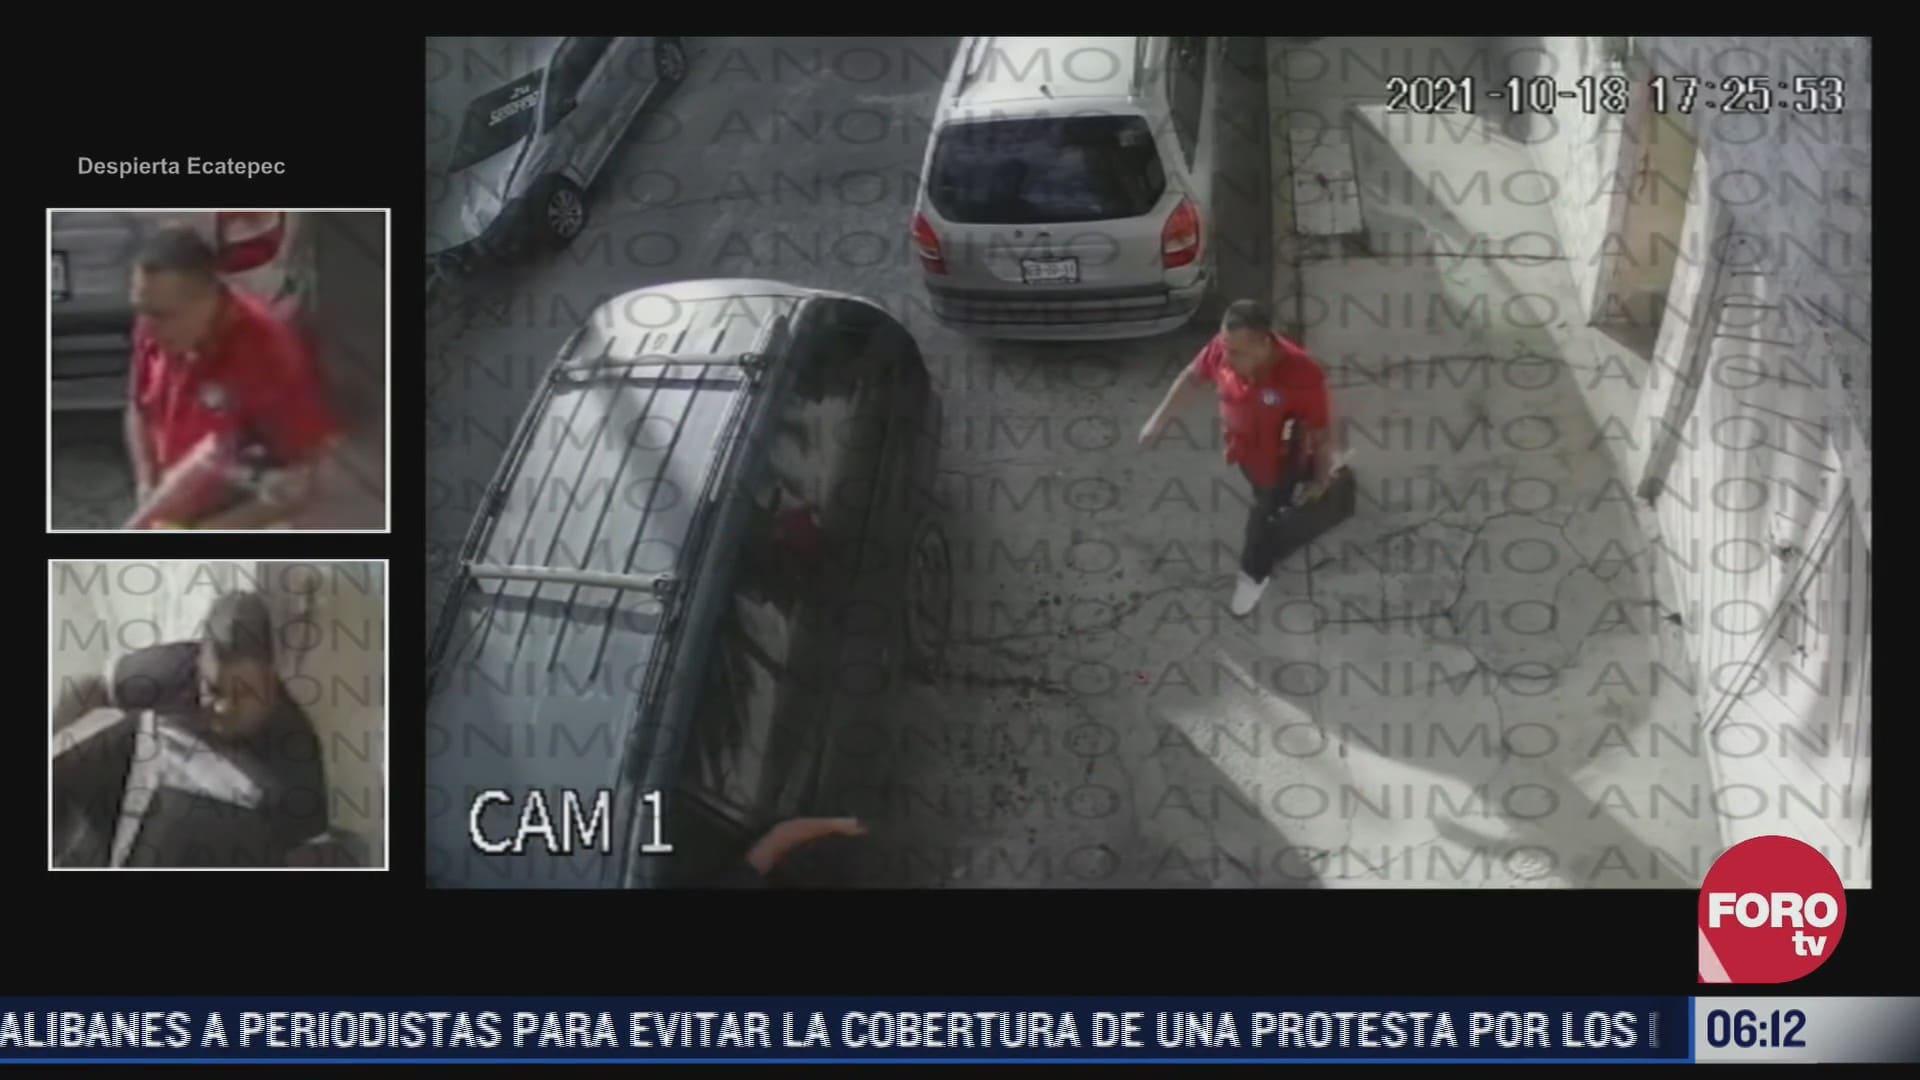 cuatro sujetos roban casa en ecatepec estado de mexico